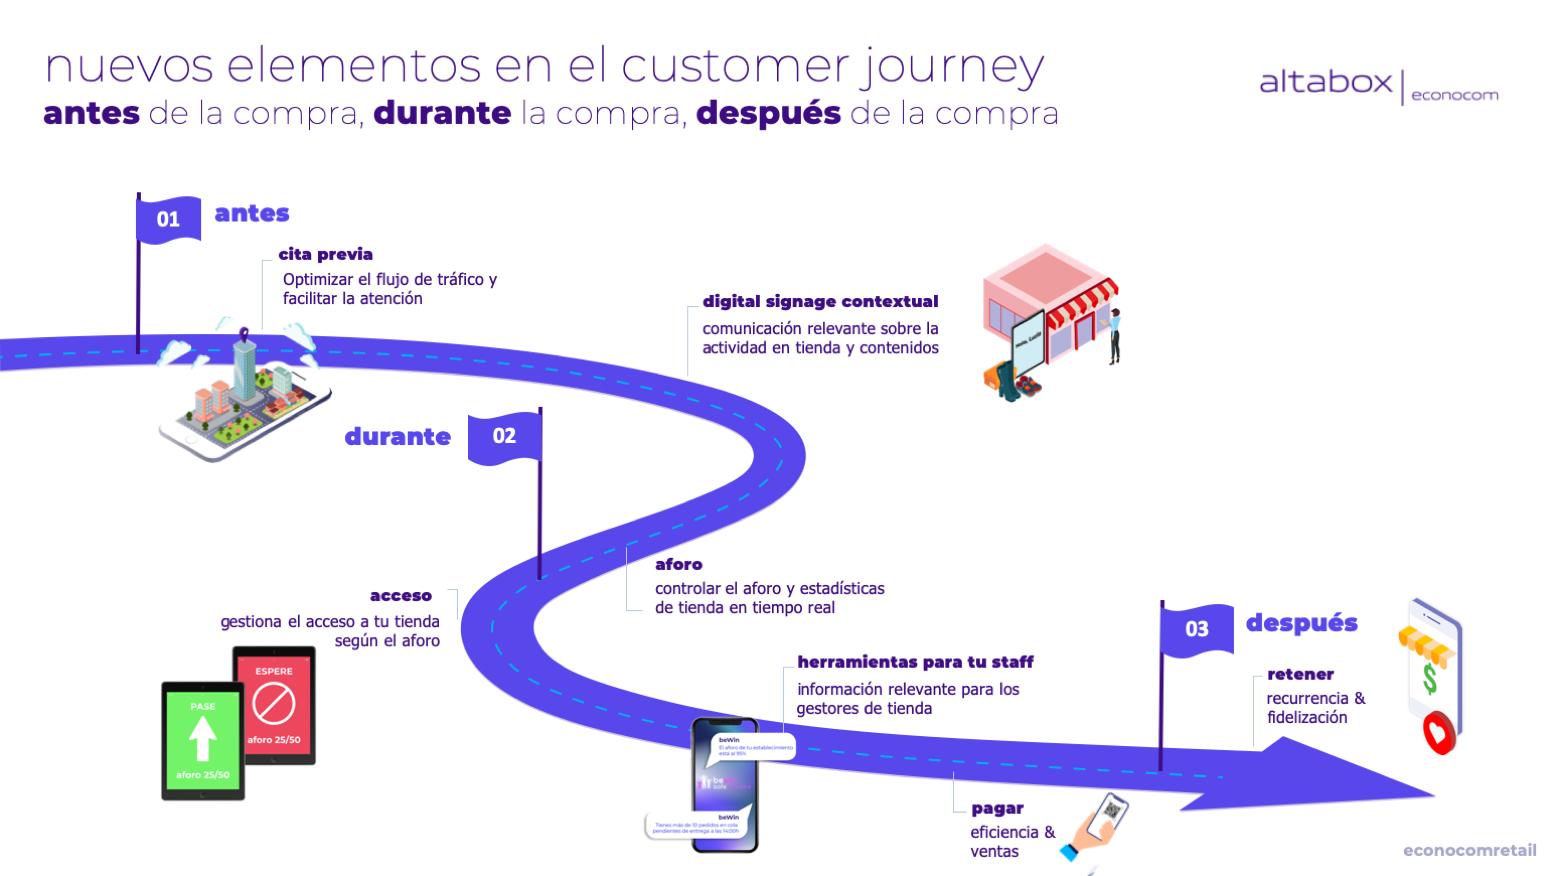 customer journey cita previa soluciones retail